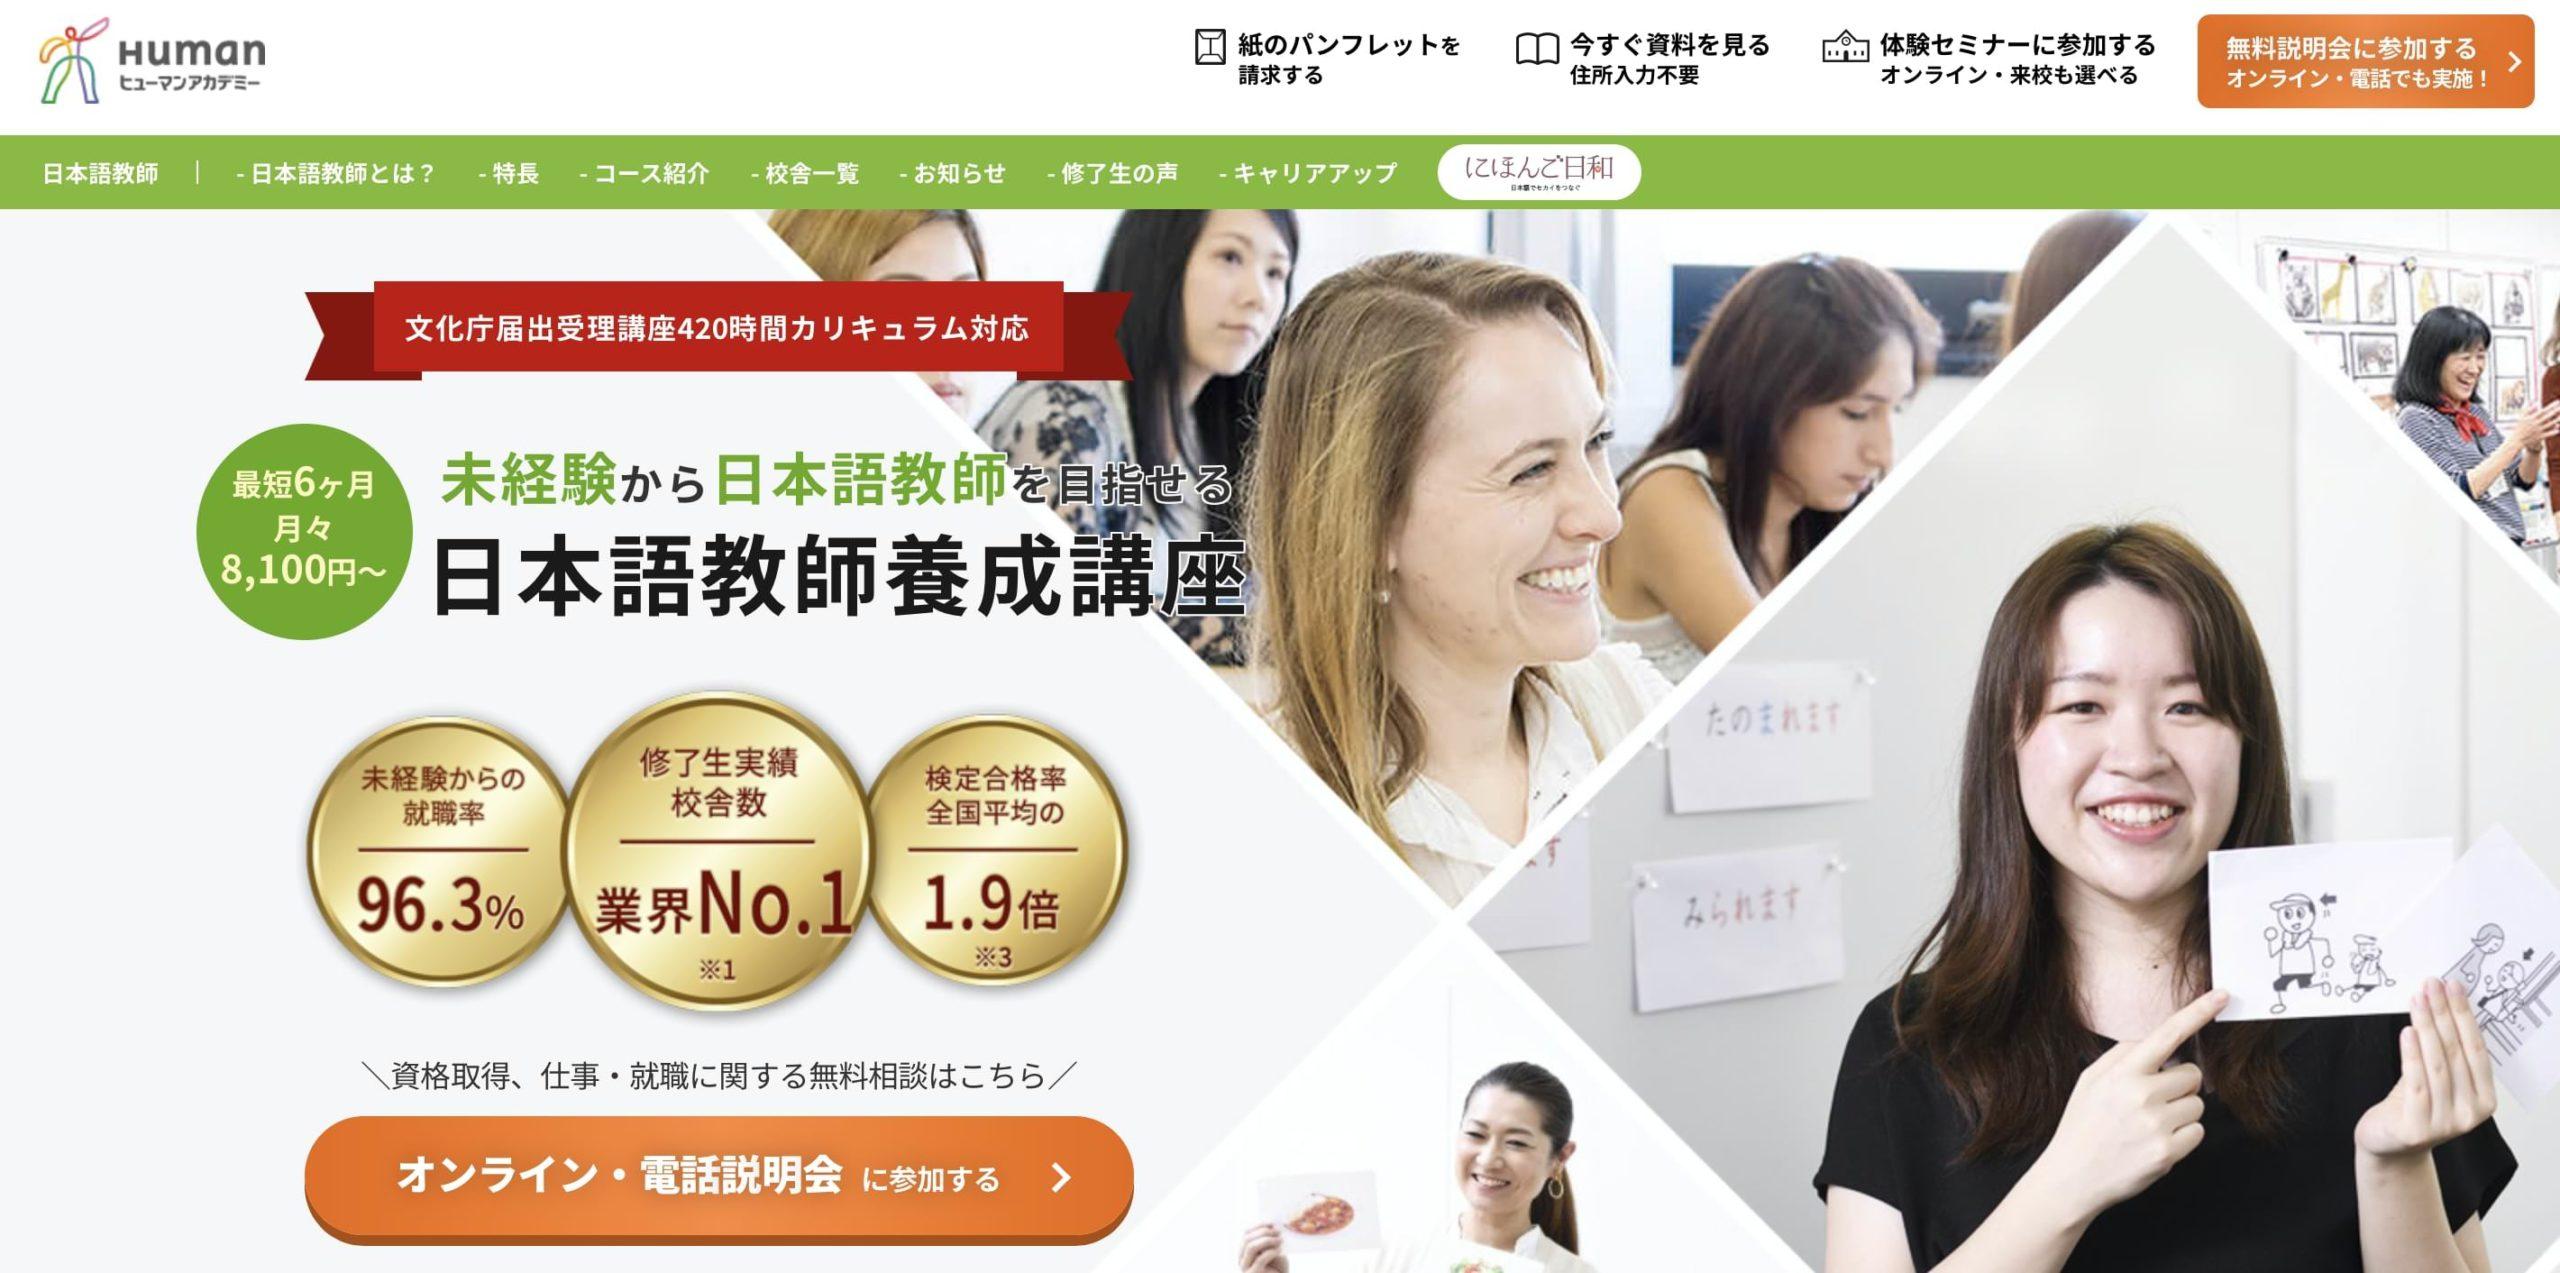 ヒューマンアカデミー日本語養成講座のトップページ